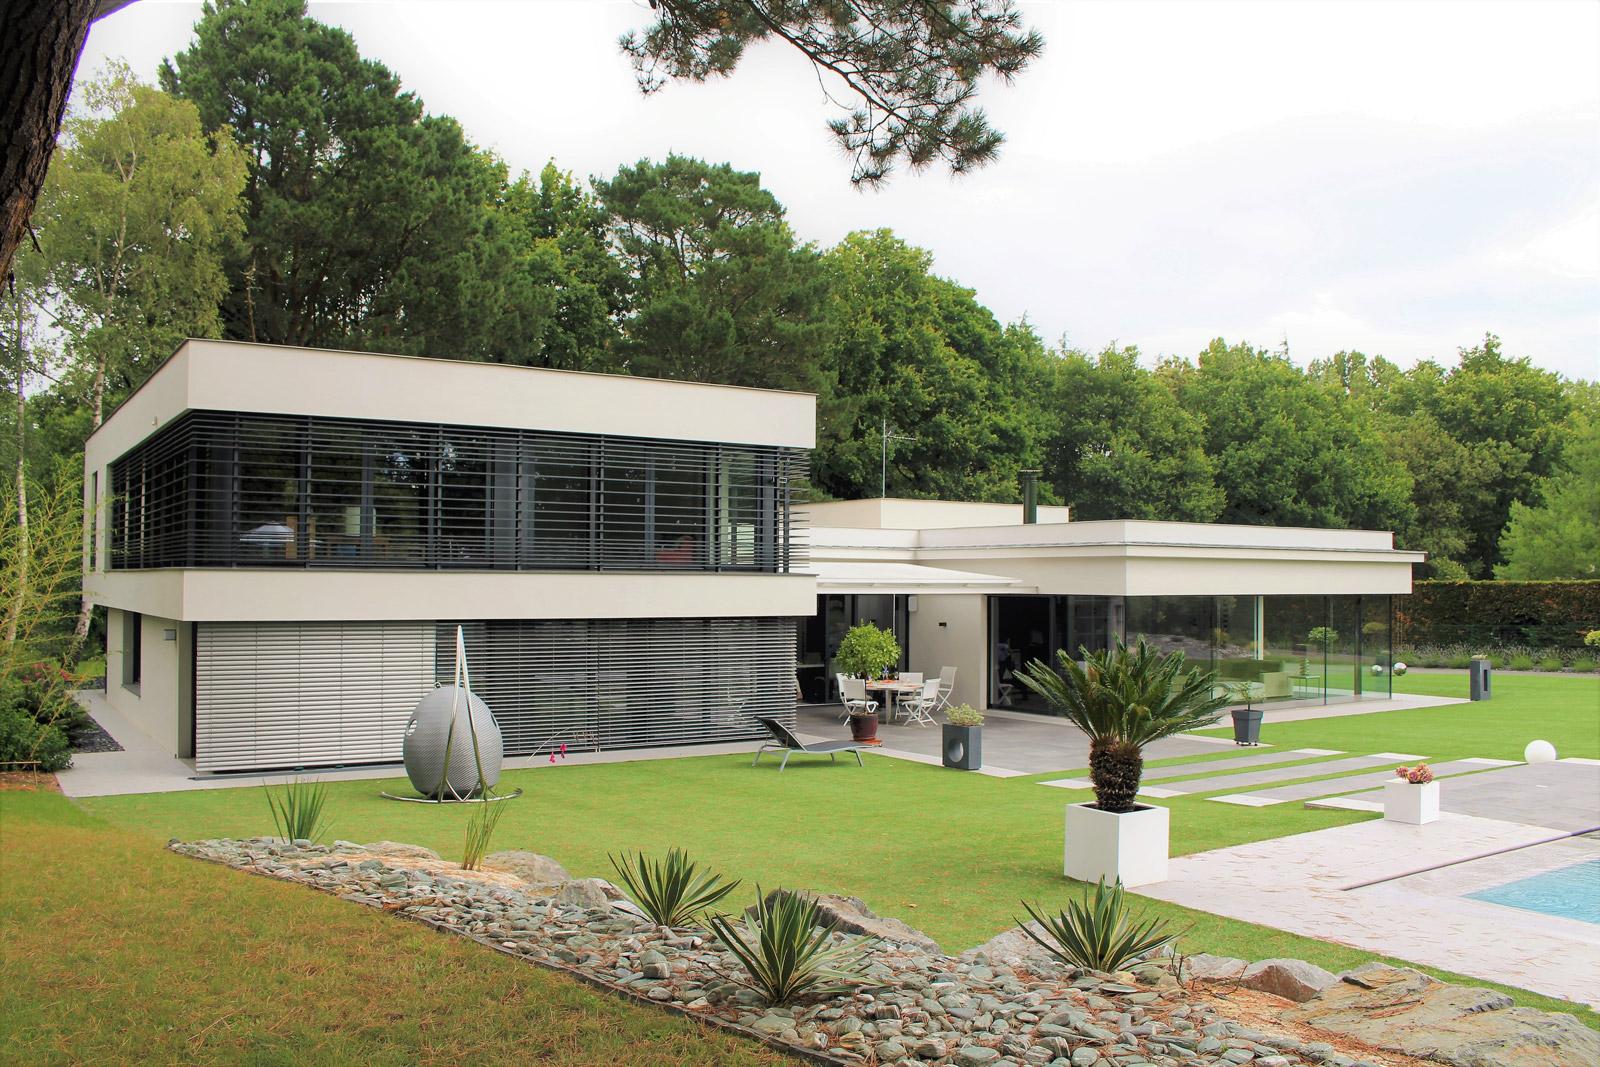 Maison Contemporaine Nantes Agence Bureau Gimbert Comy